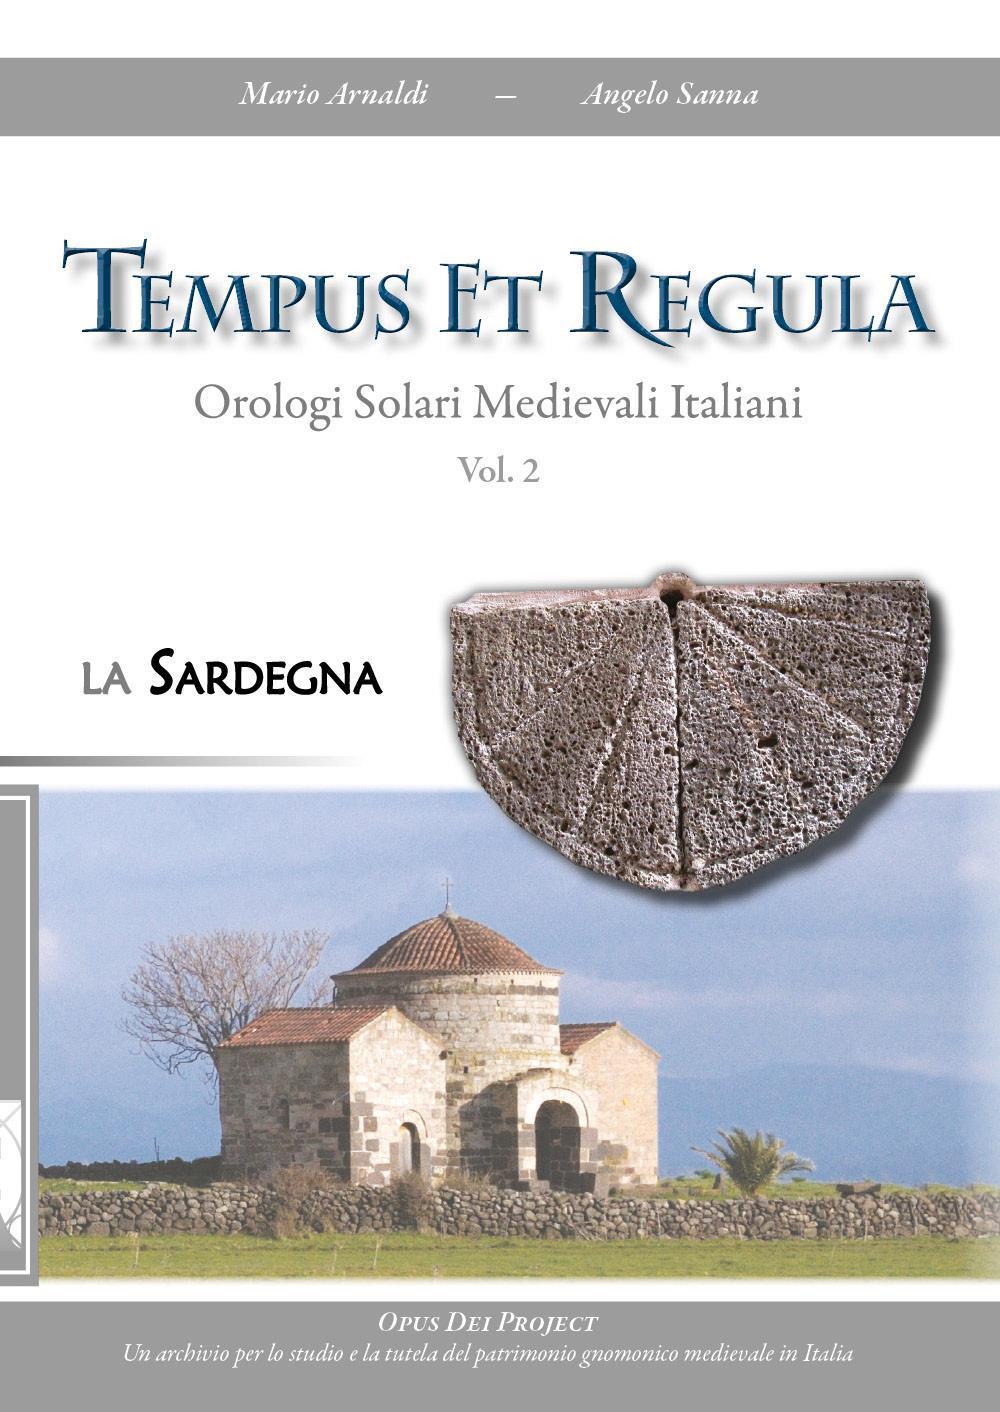 Tempus et regula. Orologi solari medievali italiani Vol.2